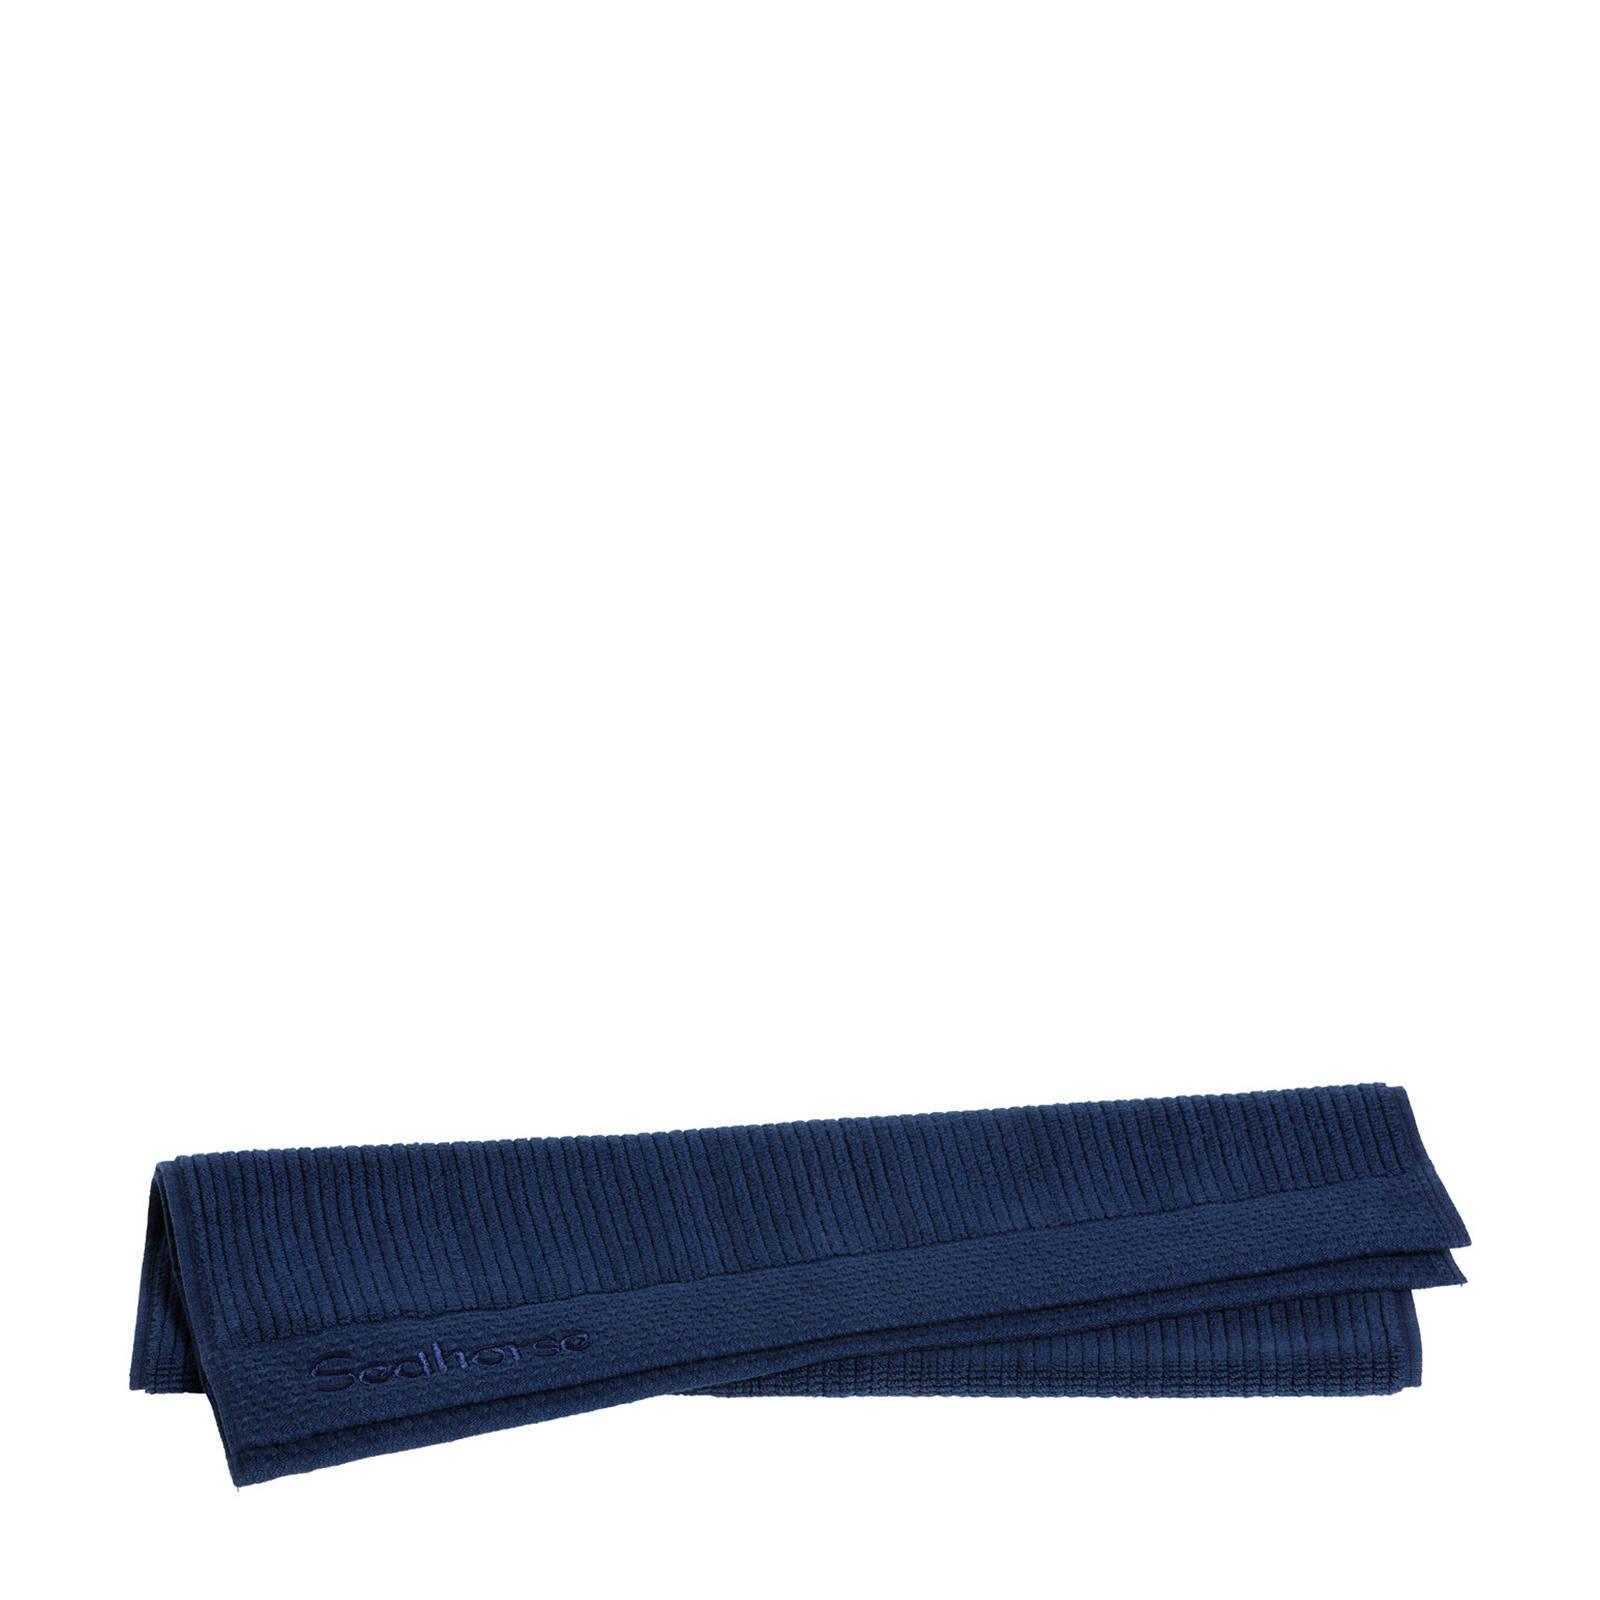 Seahorse Badmat Ridge 50 x 60 cm blauw online kopen